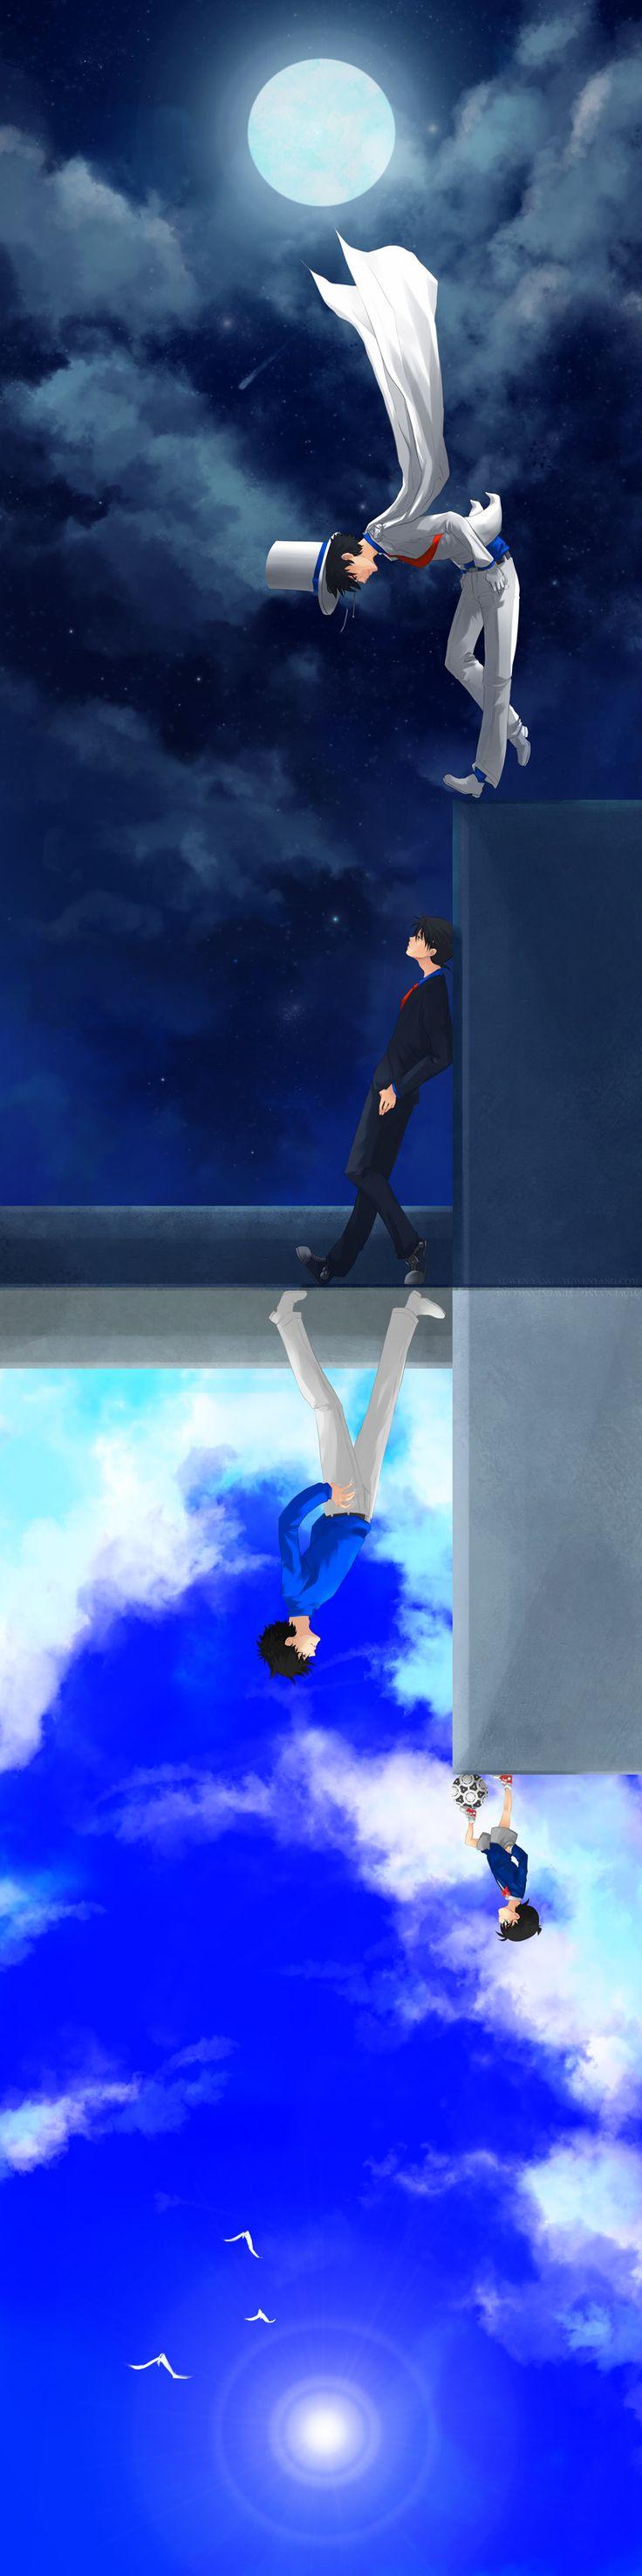 Detective Conan / Magic Kaito. Sinichi Koudo and Kaitou Kid.